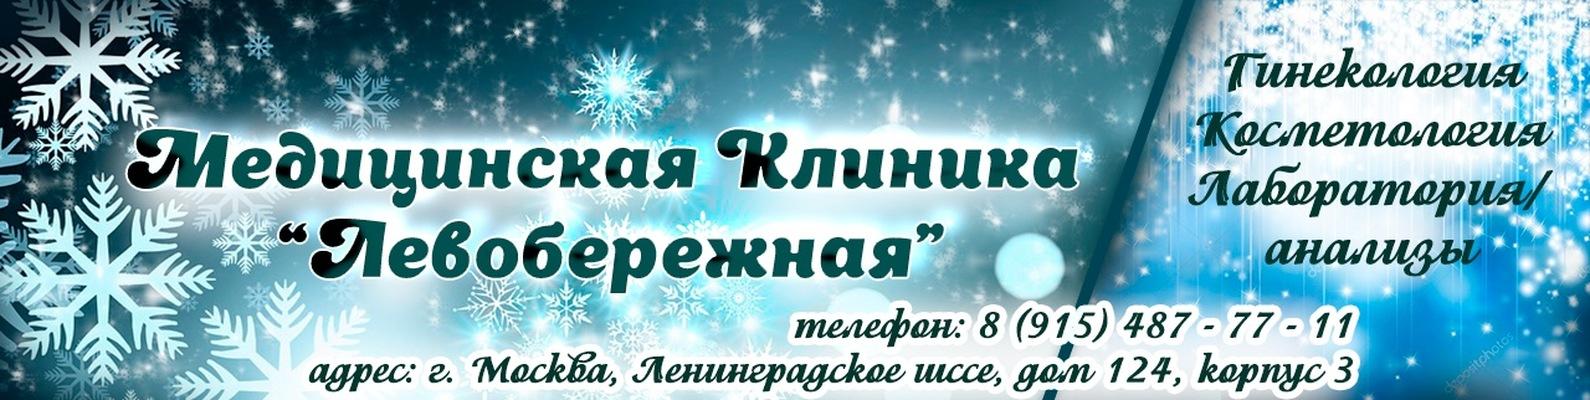 Купить больничный лист в Дедовске официально в поликлинике свао